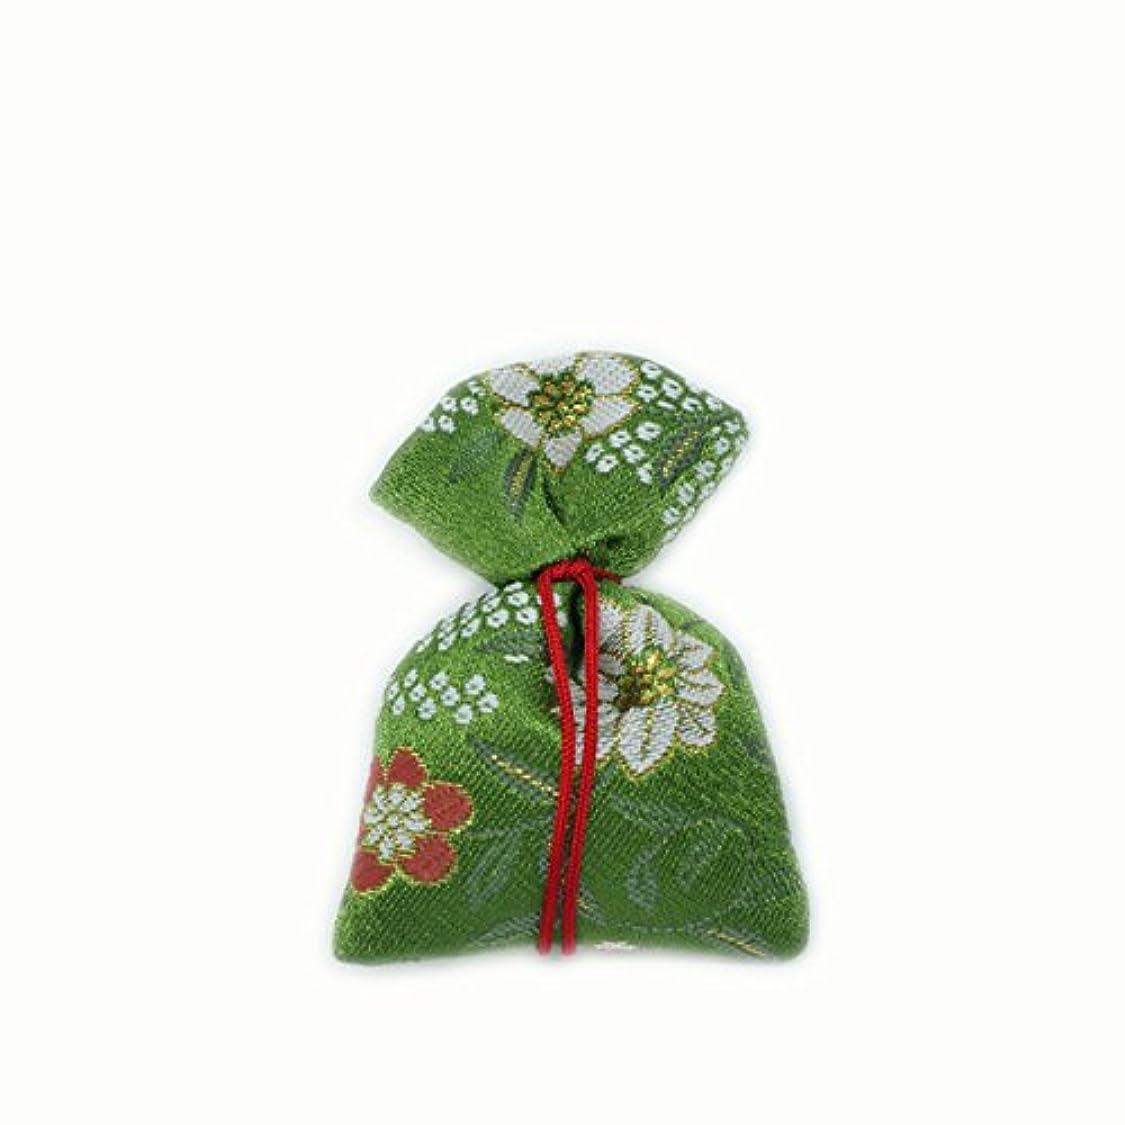 マットレス勝者儀式匂袋 巾着 金襴中 緑系